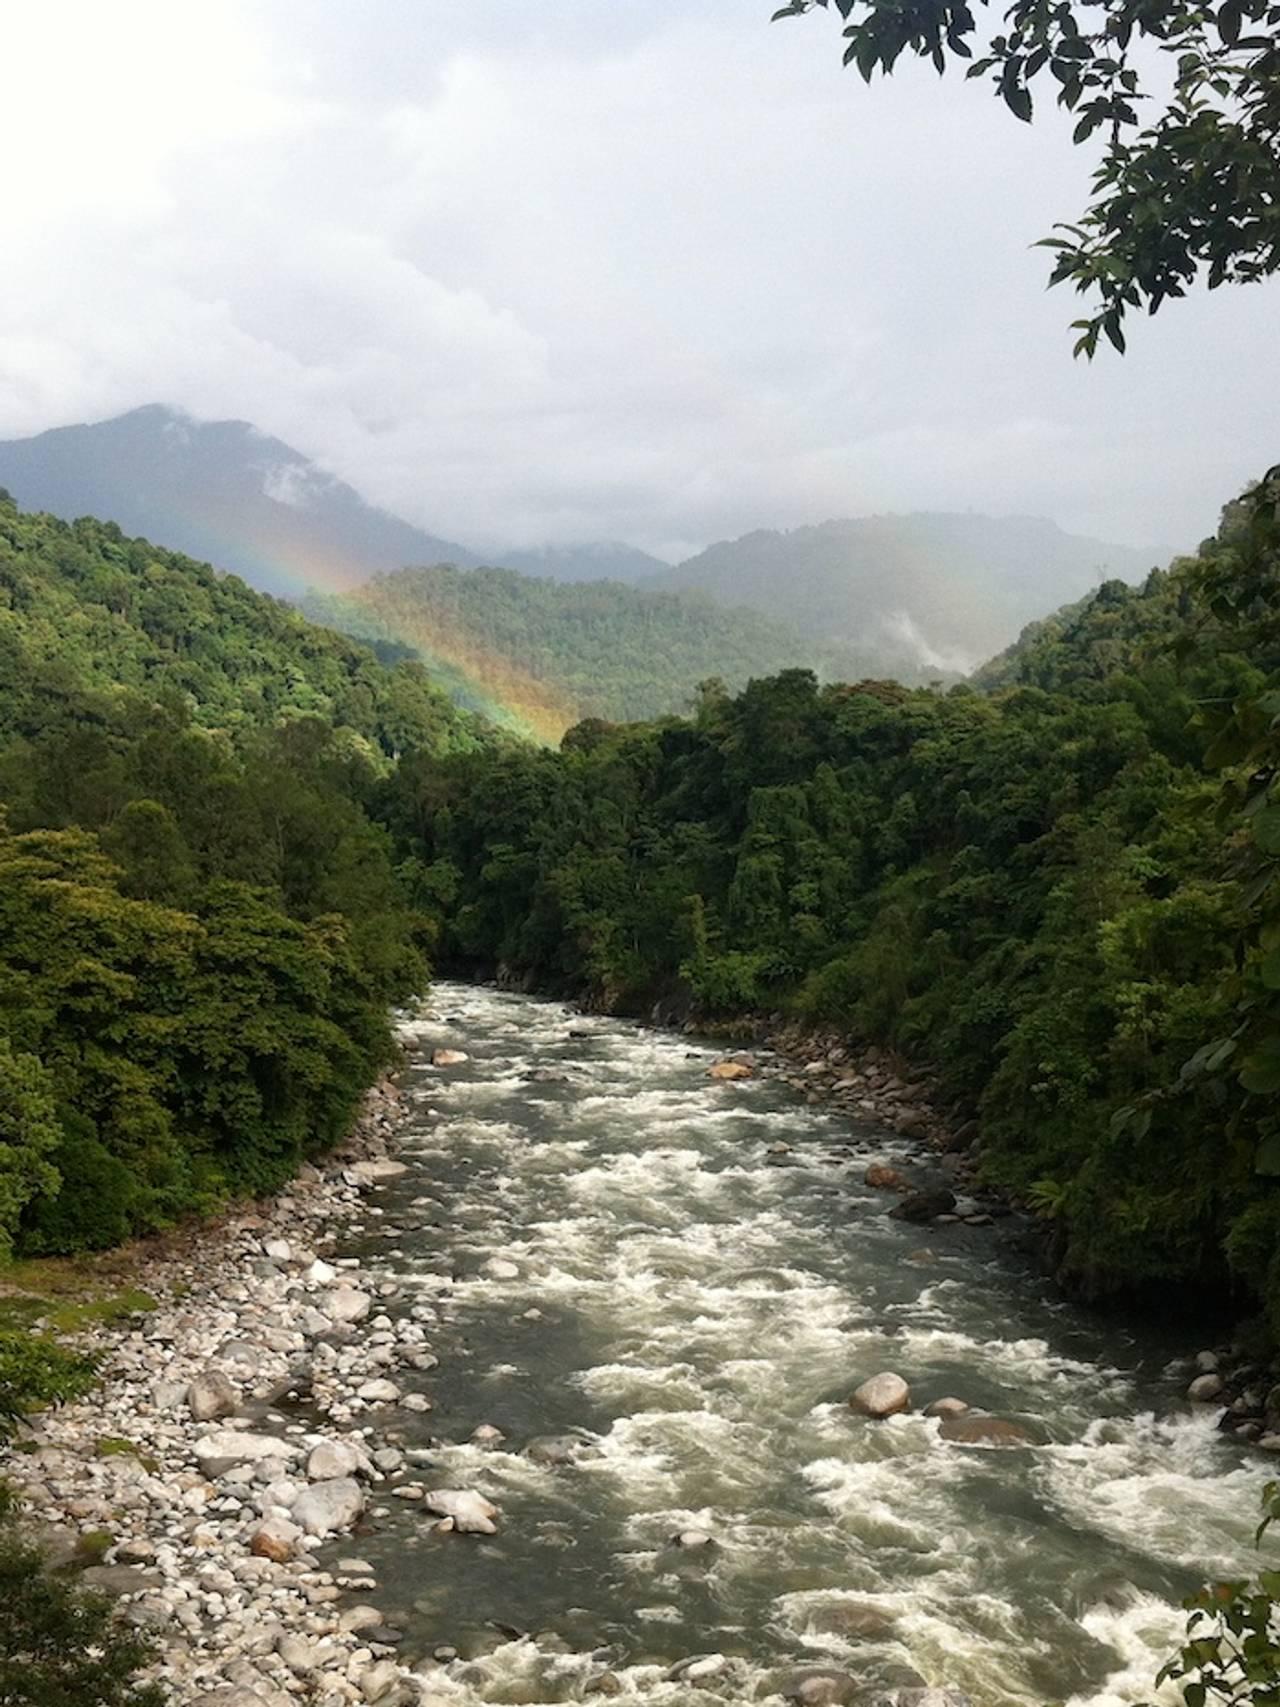 Elv i Himalaya med regnbue  i retning av fjellene